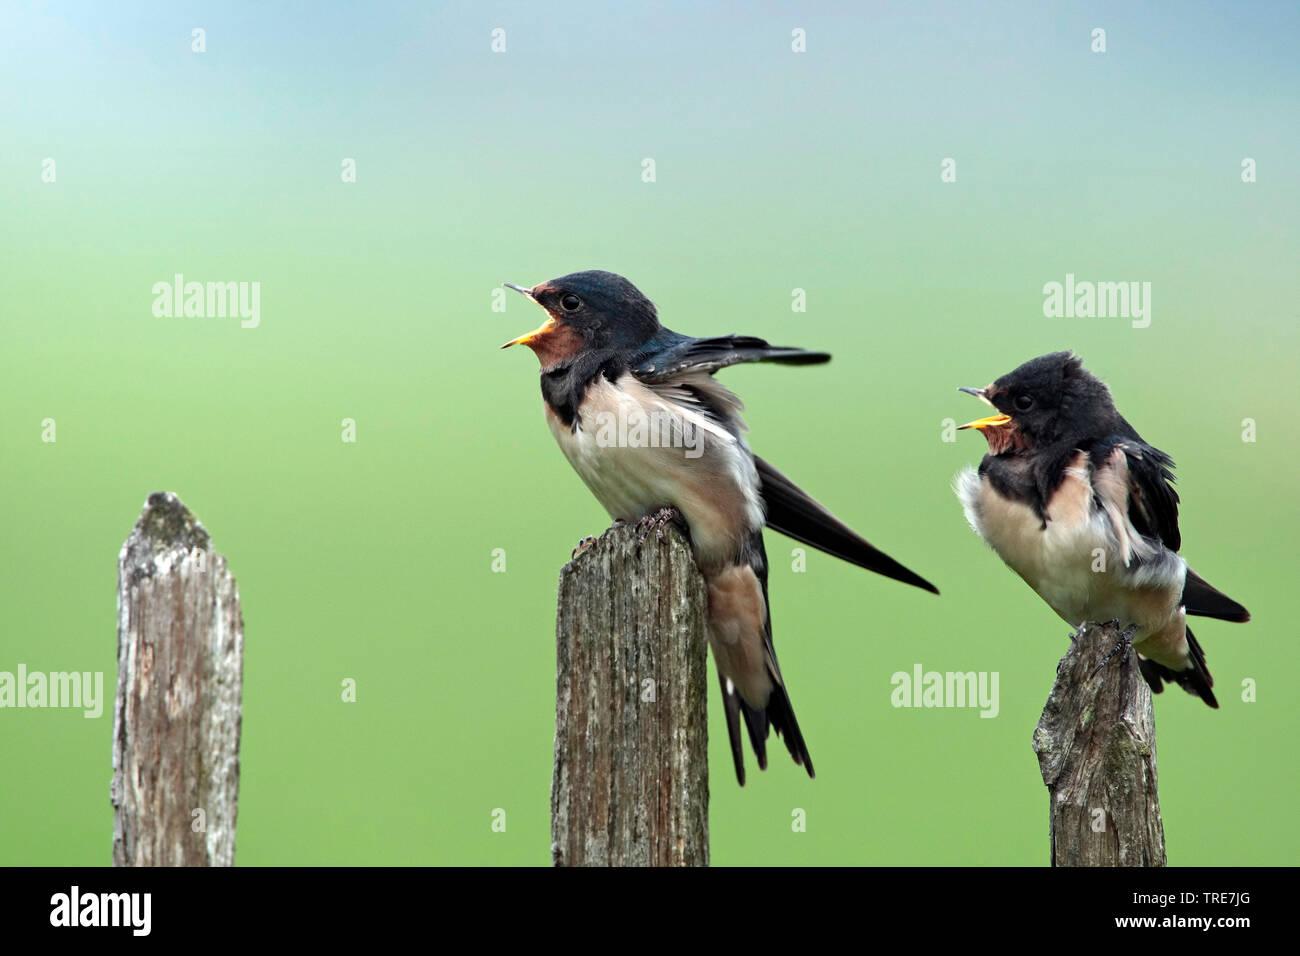 Rauchschwalbe, Rauch-Schwalbe (Hirundo rustica), Zwei junge Schwalben betteln um Futter, Niederlande | barn swallow (Hirundo rustica), two juveniles b - Stock Image